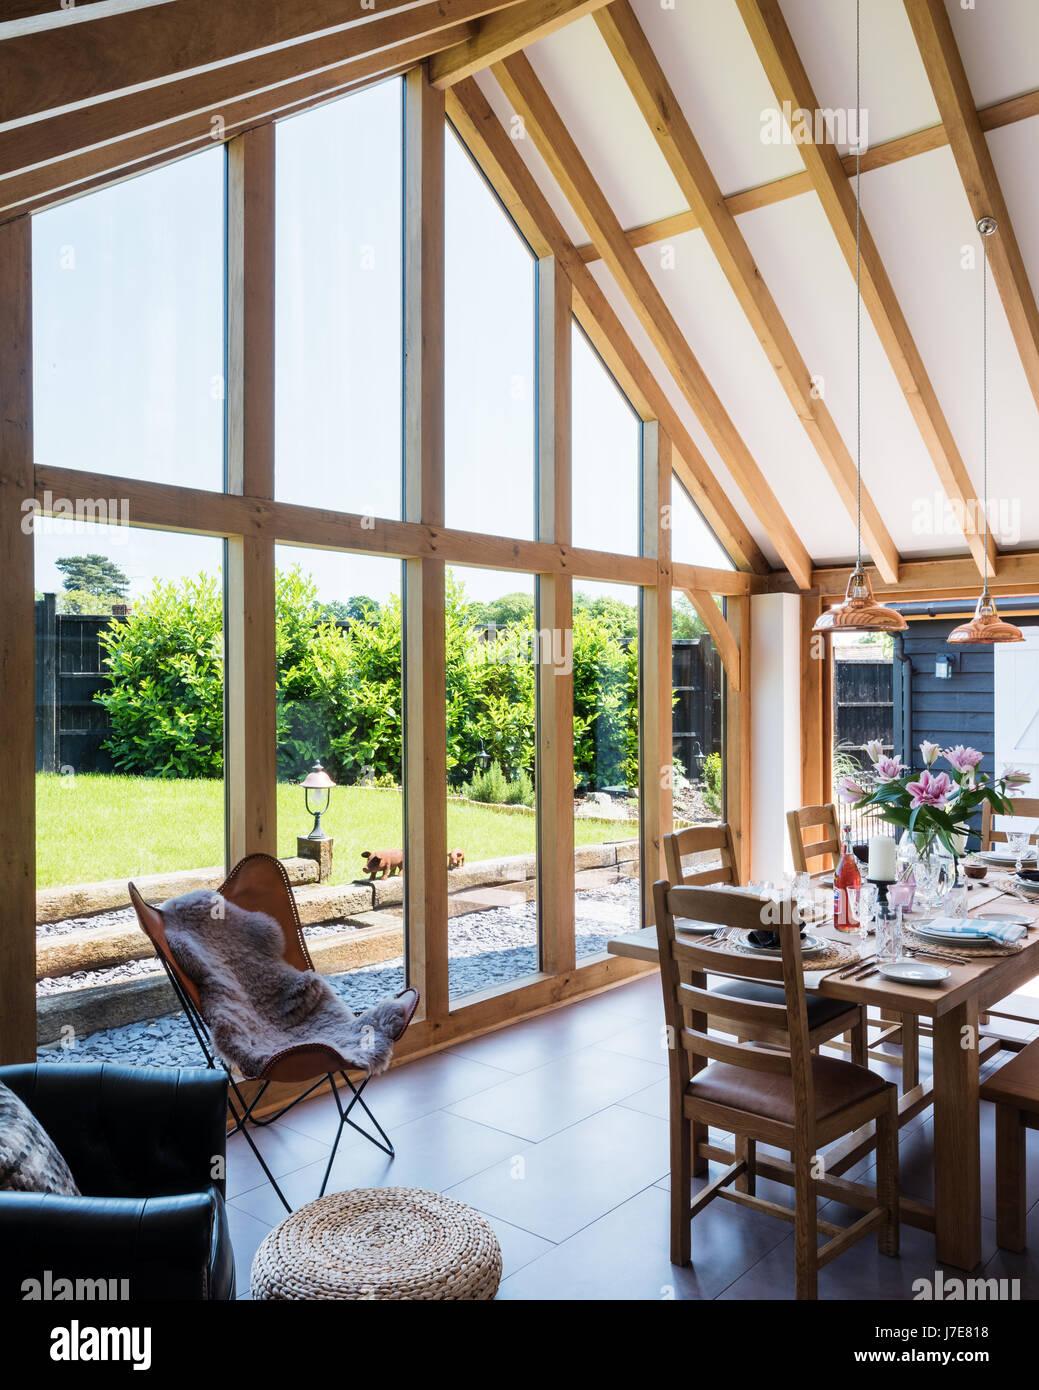 Enmarcado en madera abovedado comedor con ventanas de piso a techo ...